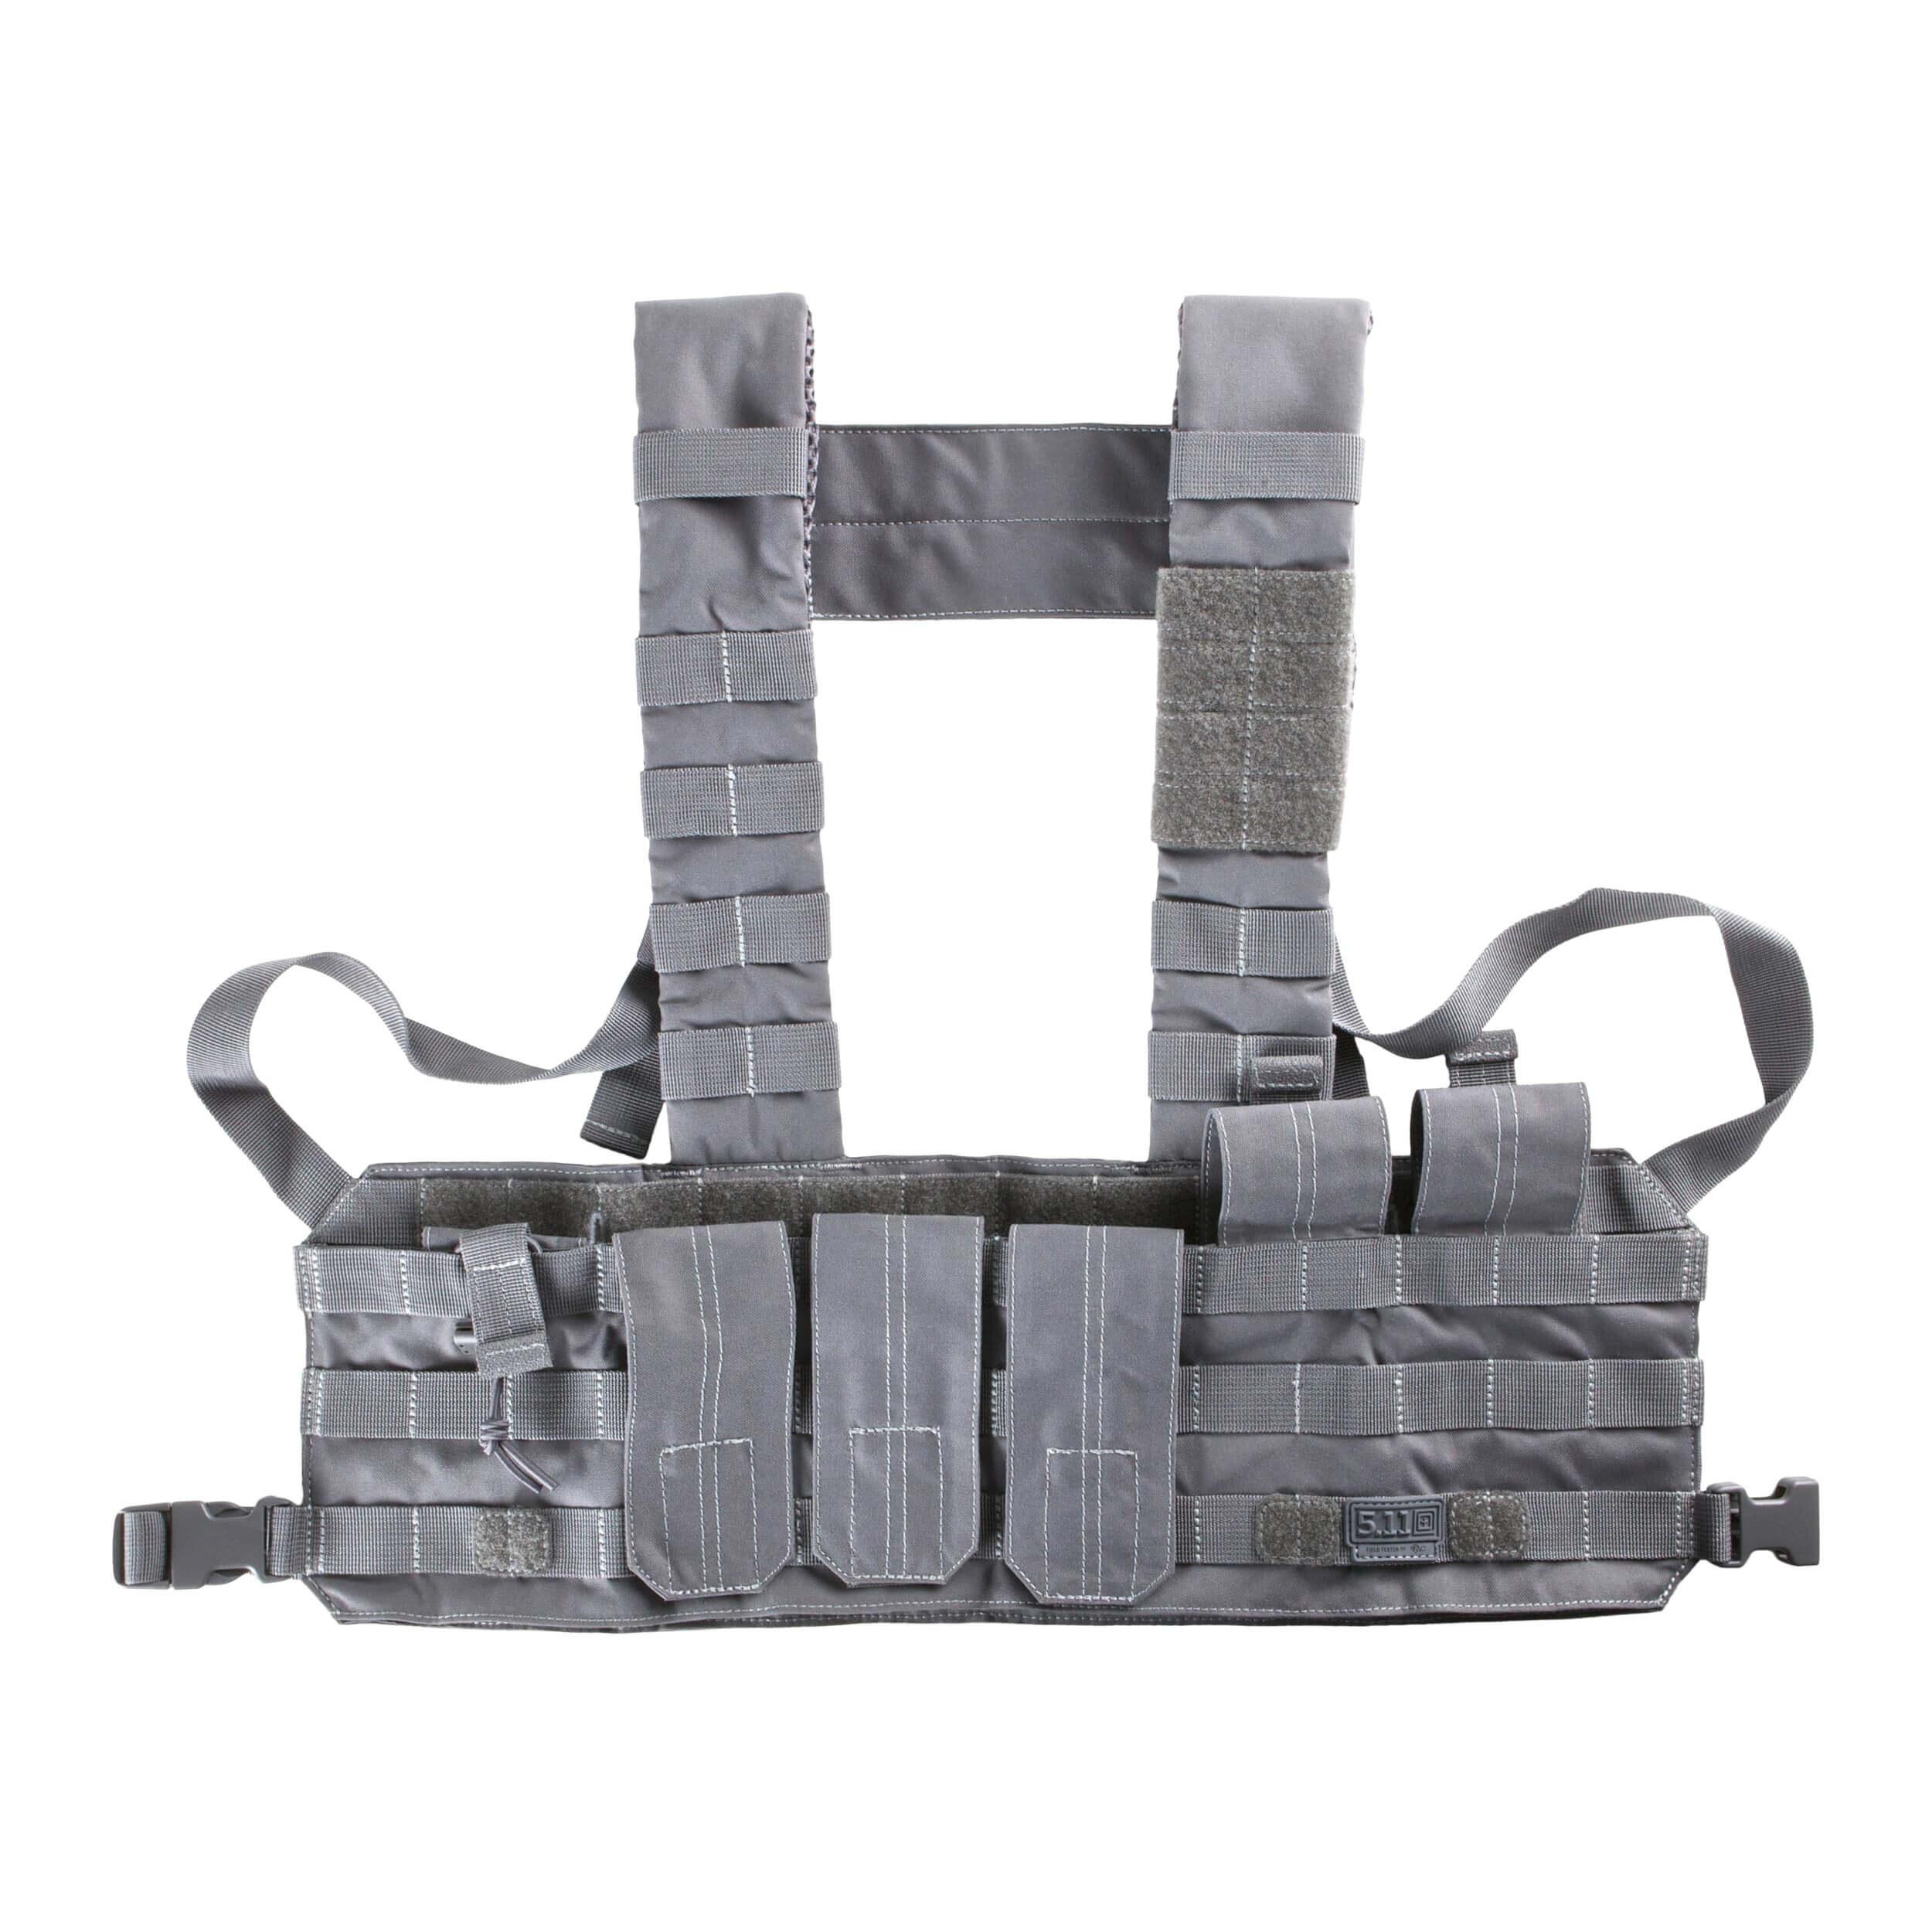 5.11 Tactical TacTec Chest Rig Storm